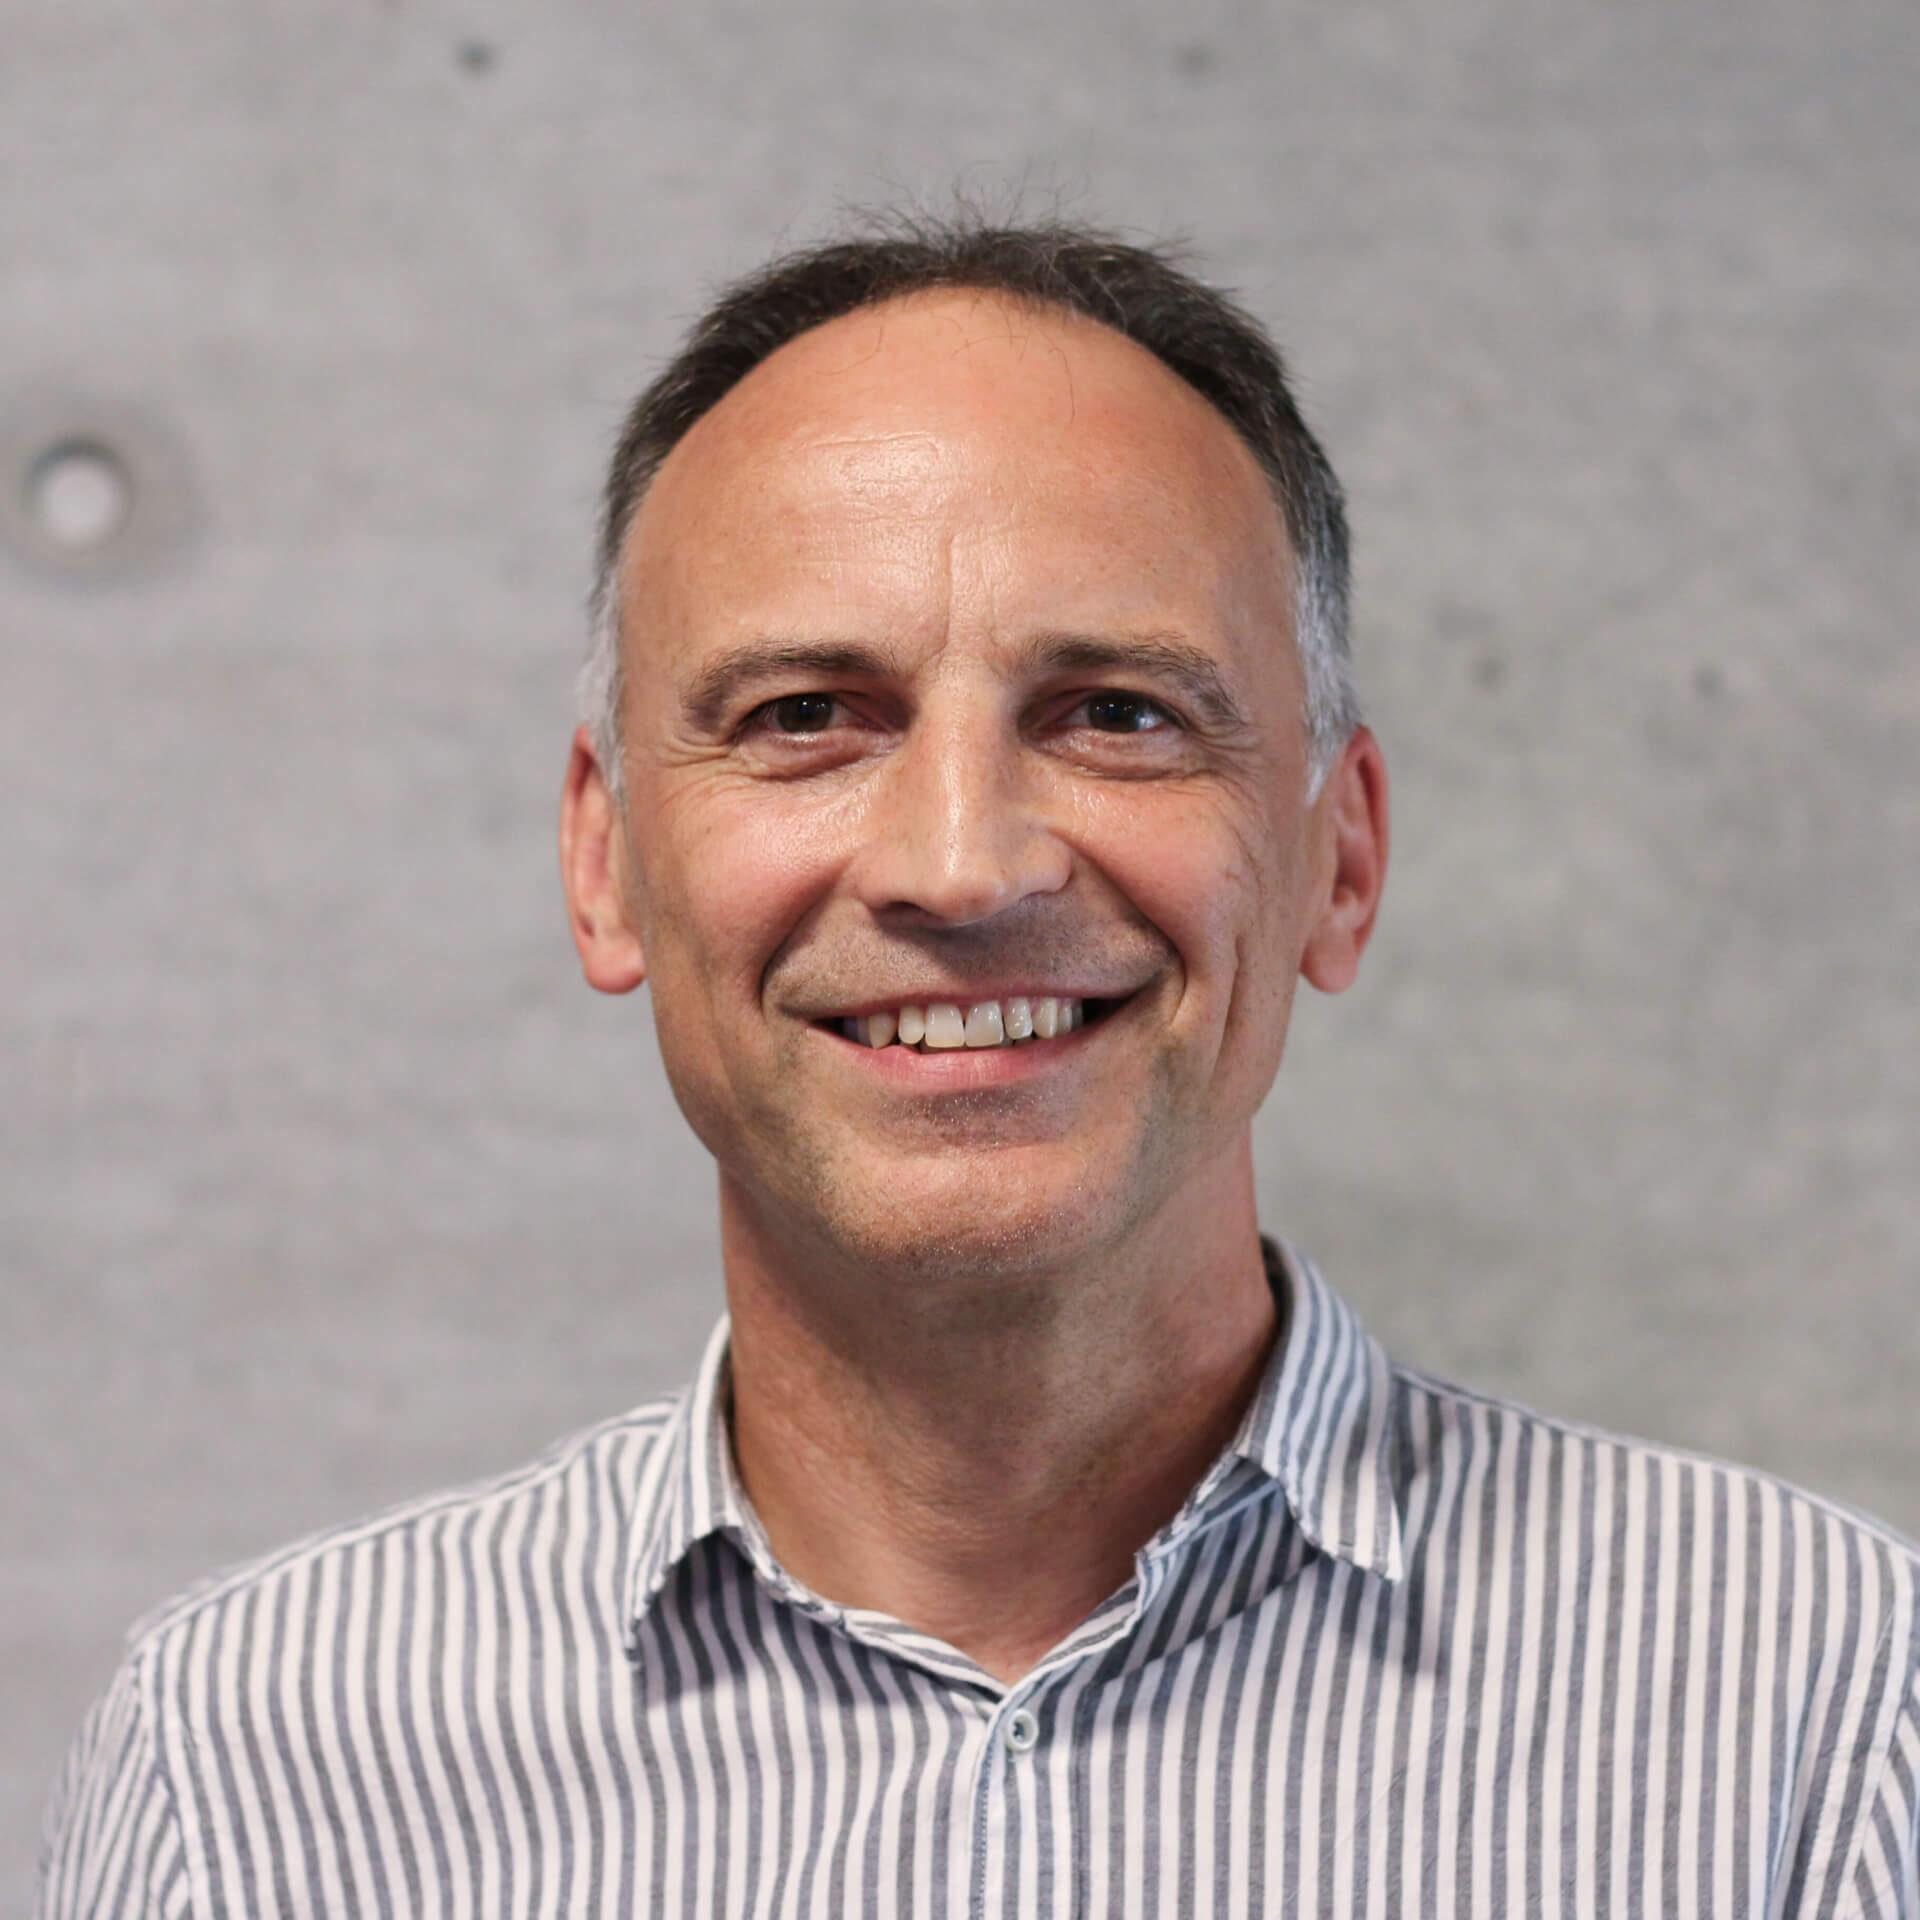 Matthias Altwegg